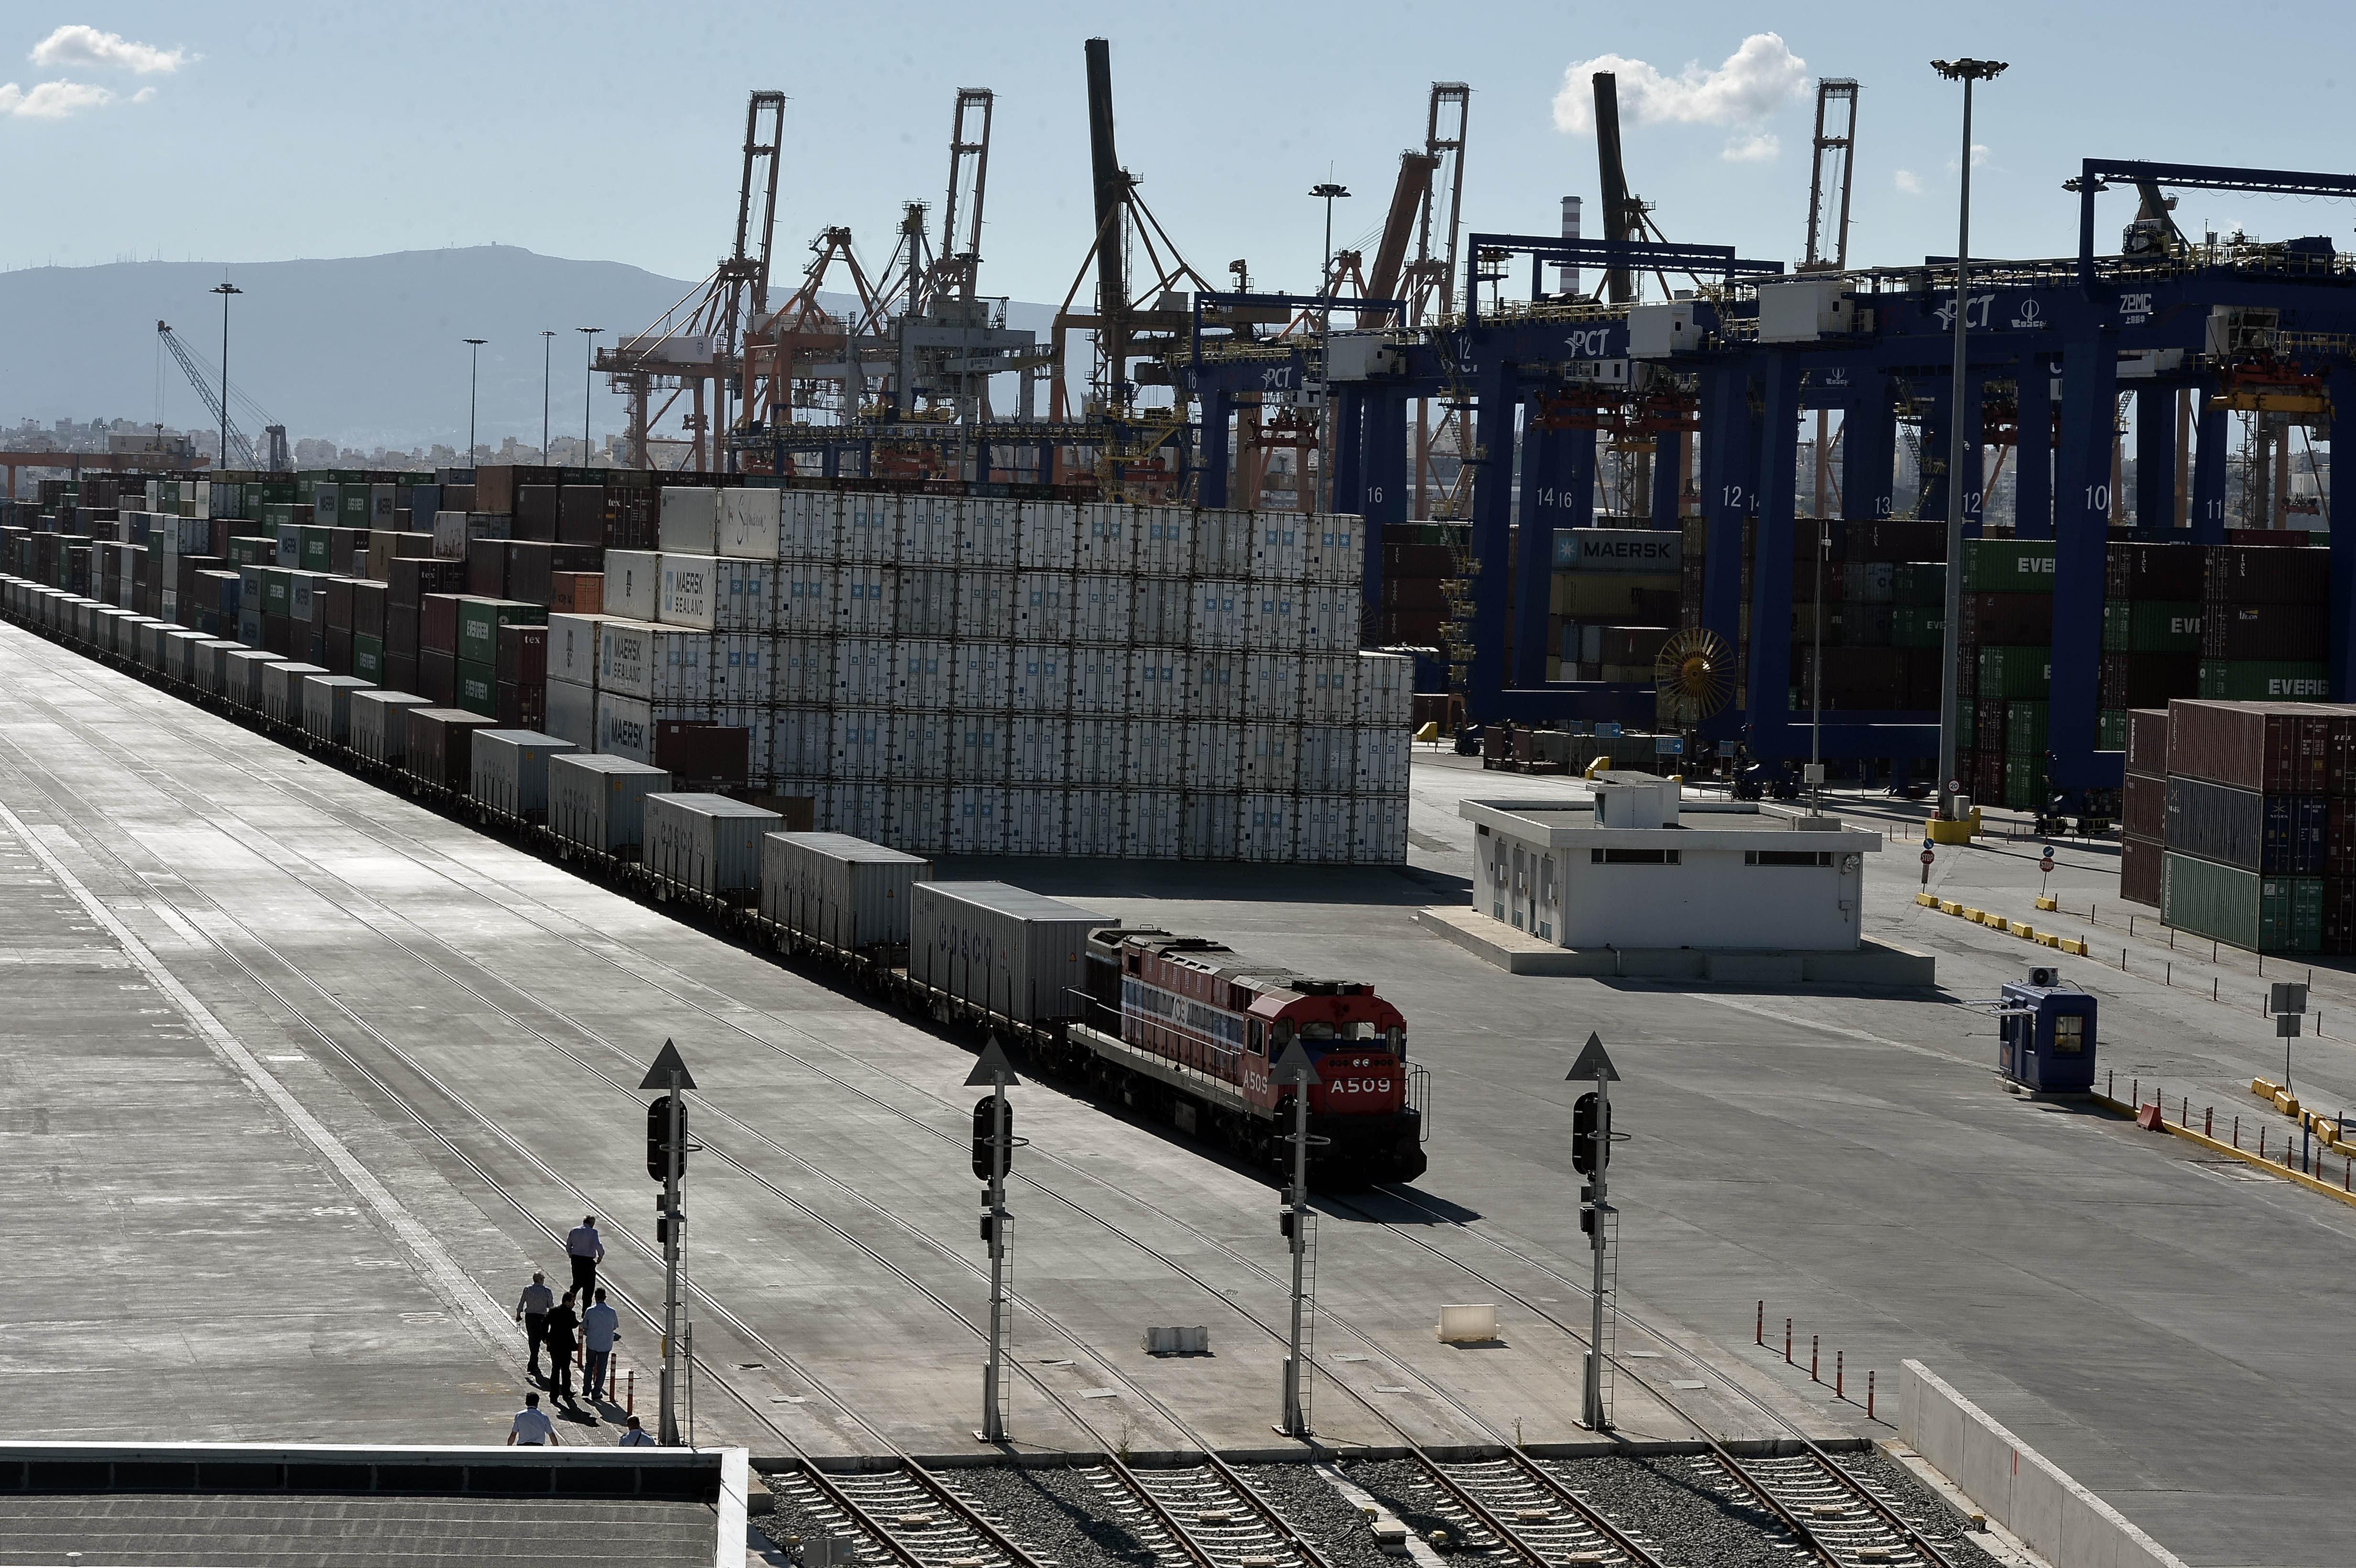 Το «Κεφάλι του Δράκου»: Γιατί ο Πειραιάς τείνει να γίνει το πρώτο λιμάνι της